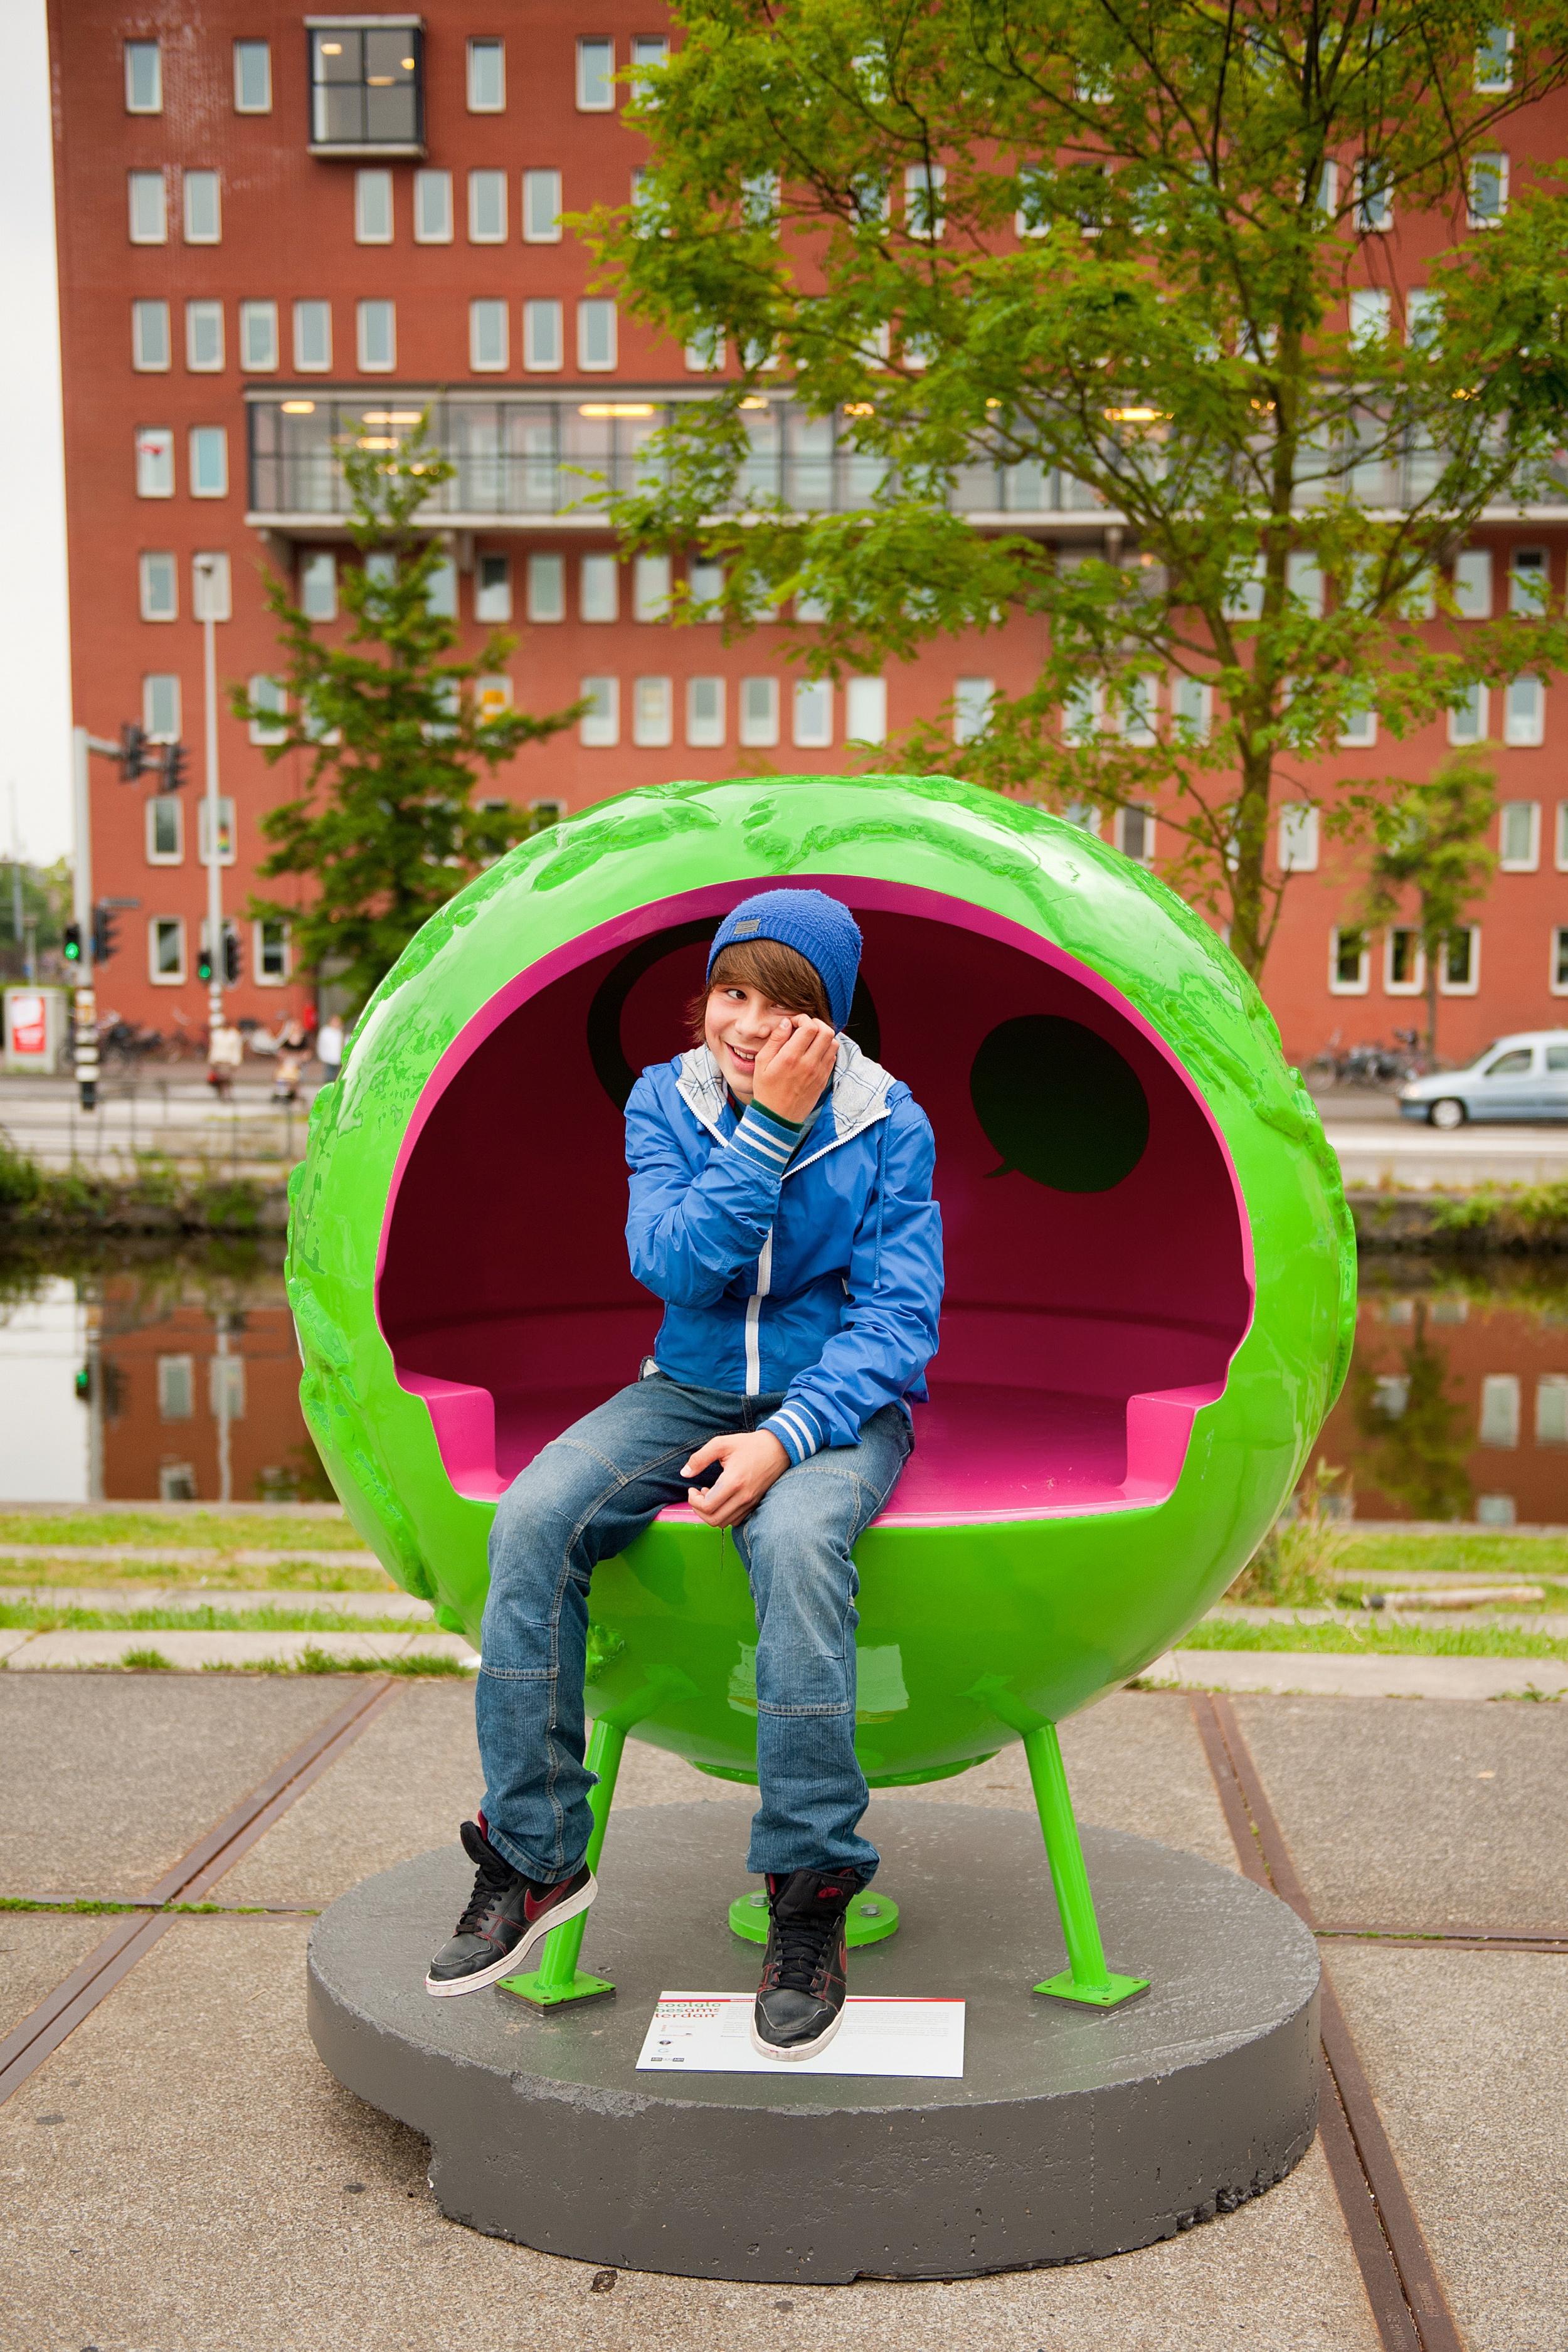 jbat_20110607_23_zoon_in_de_bol.jpg